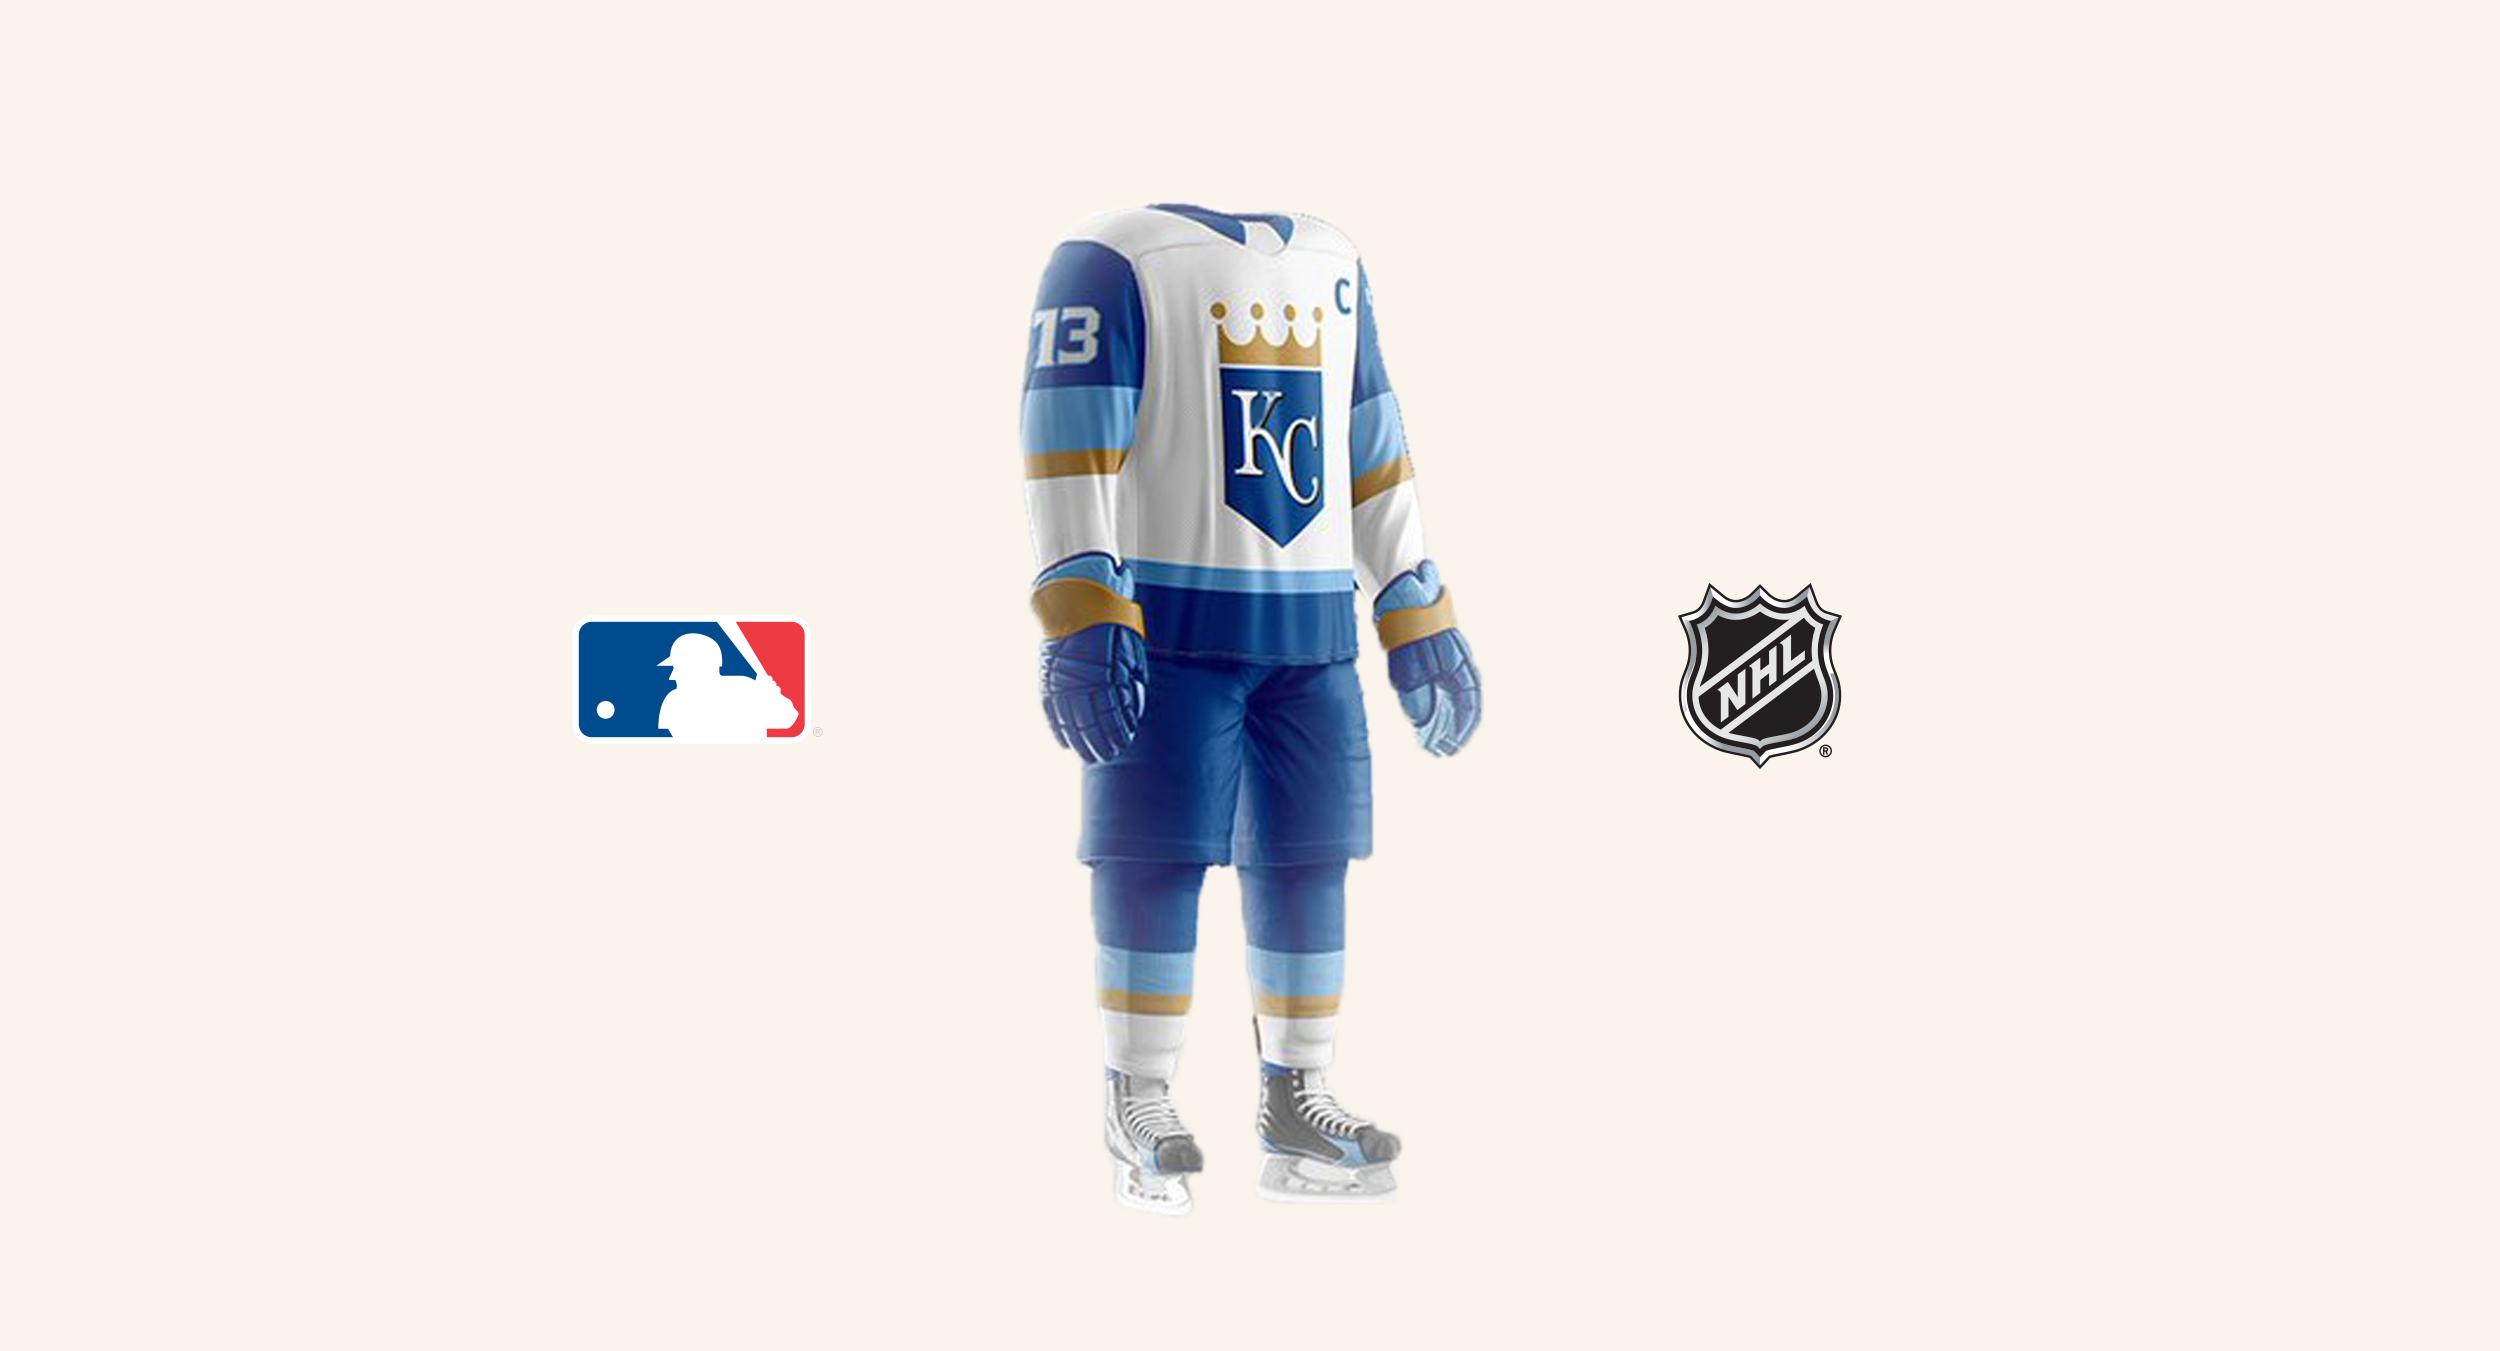 Crédit photo (uniforme) :  @Ferry_Designs